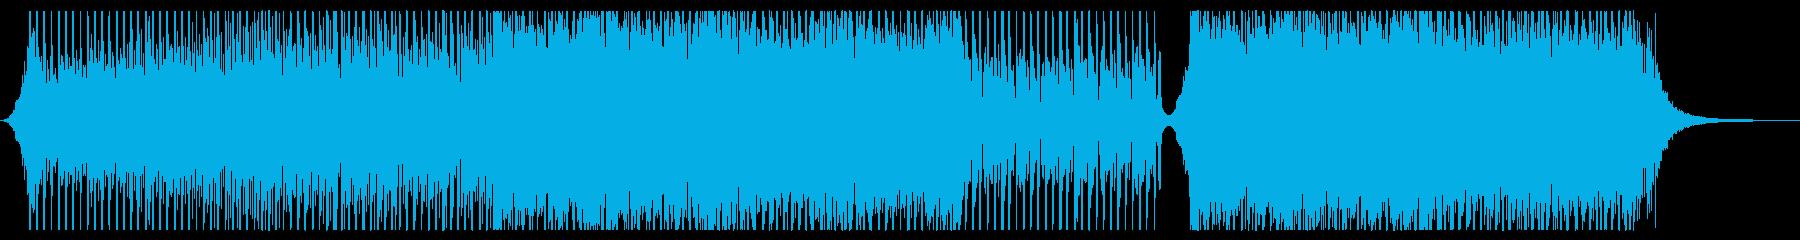 ハウス ダンス プログレッシブ 企...の再生済みの波形